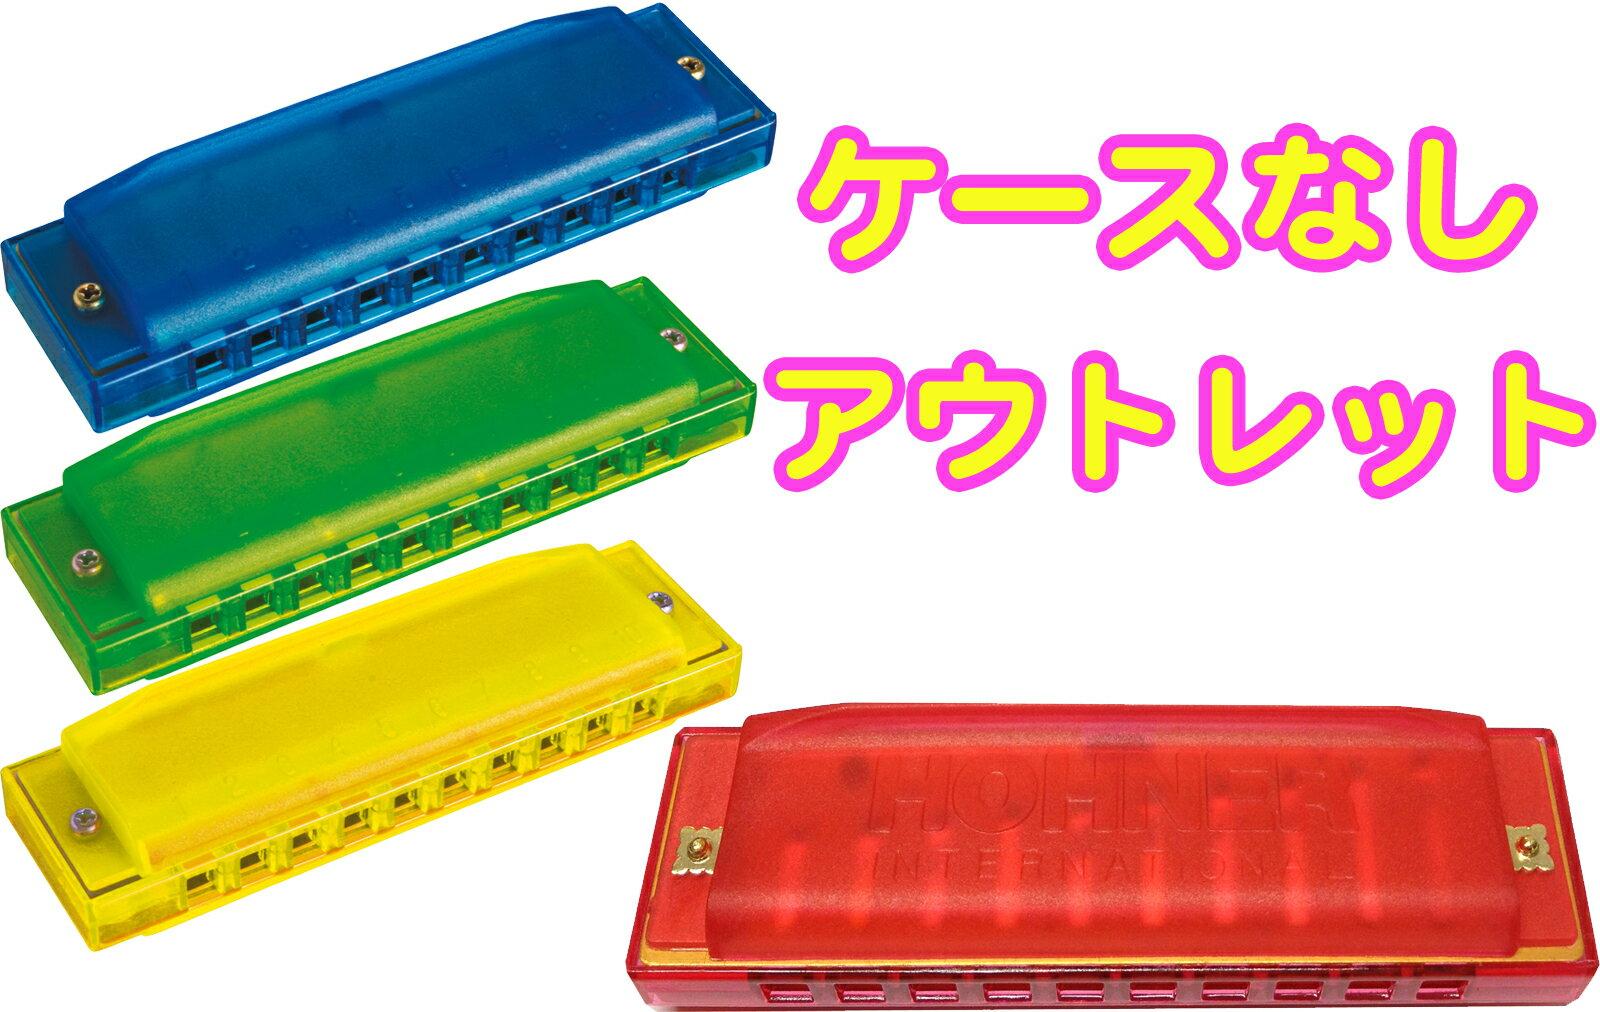 [ メール便 送料無料 ]ケースなし アウトレット ブルースハープ型 10穴 カラー ハーモニカ ホーナー ハッピーカラーハープ C調 おもちゃ 粗品 プレゼントに おすすめ Red 赤色 yellow 黄色 Blue 青色 Green 緑色